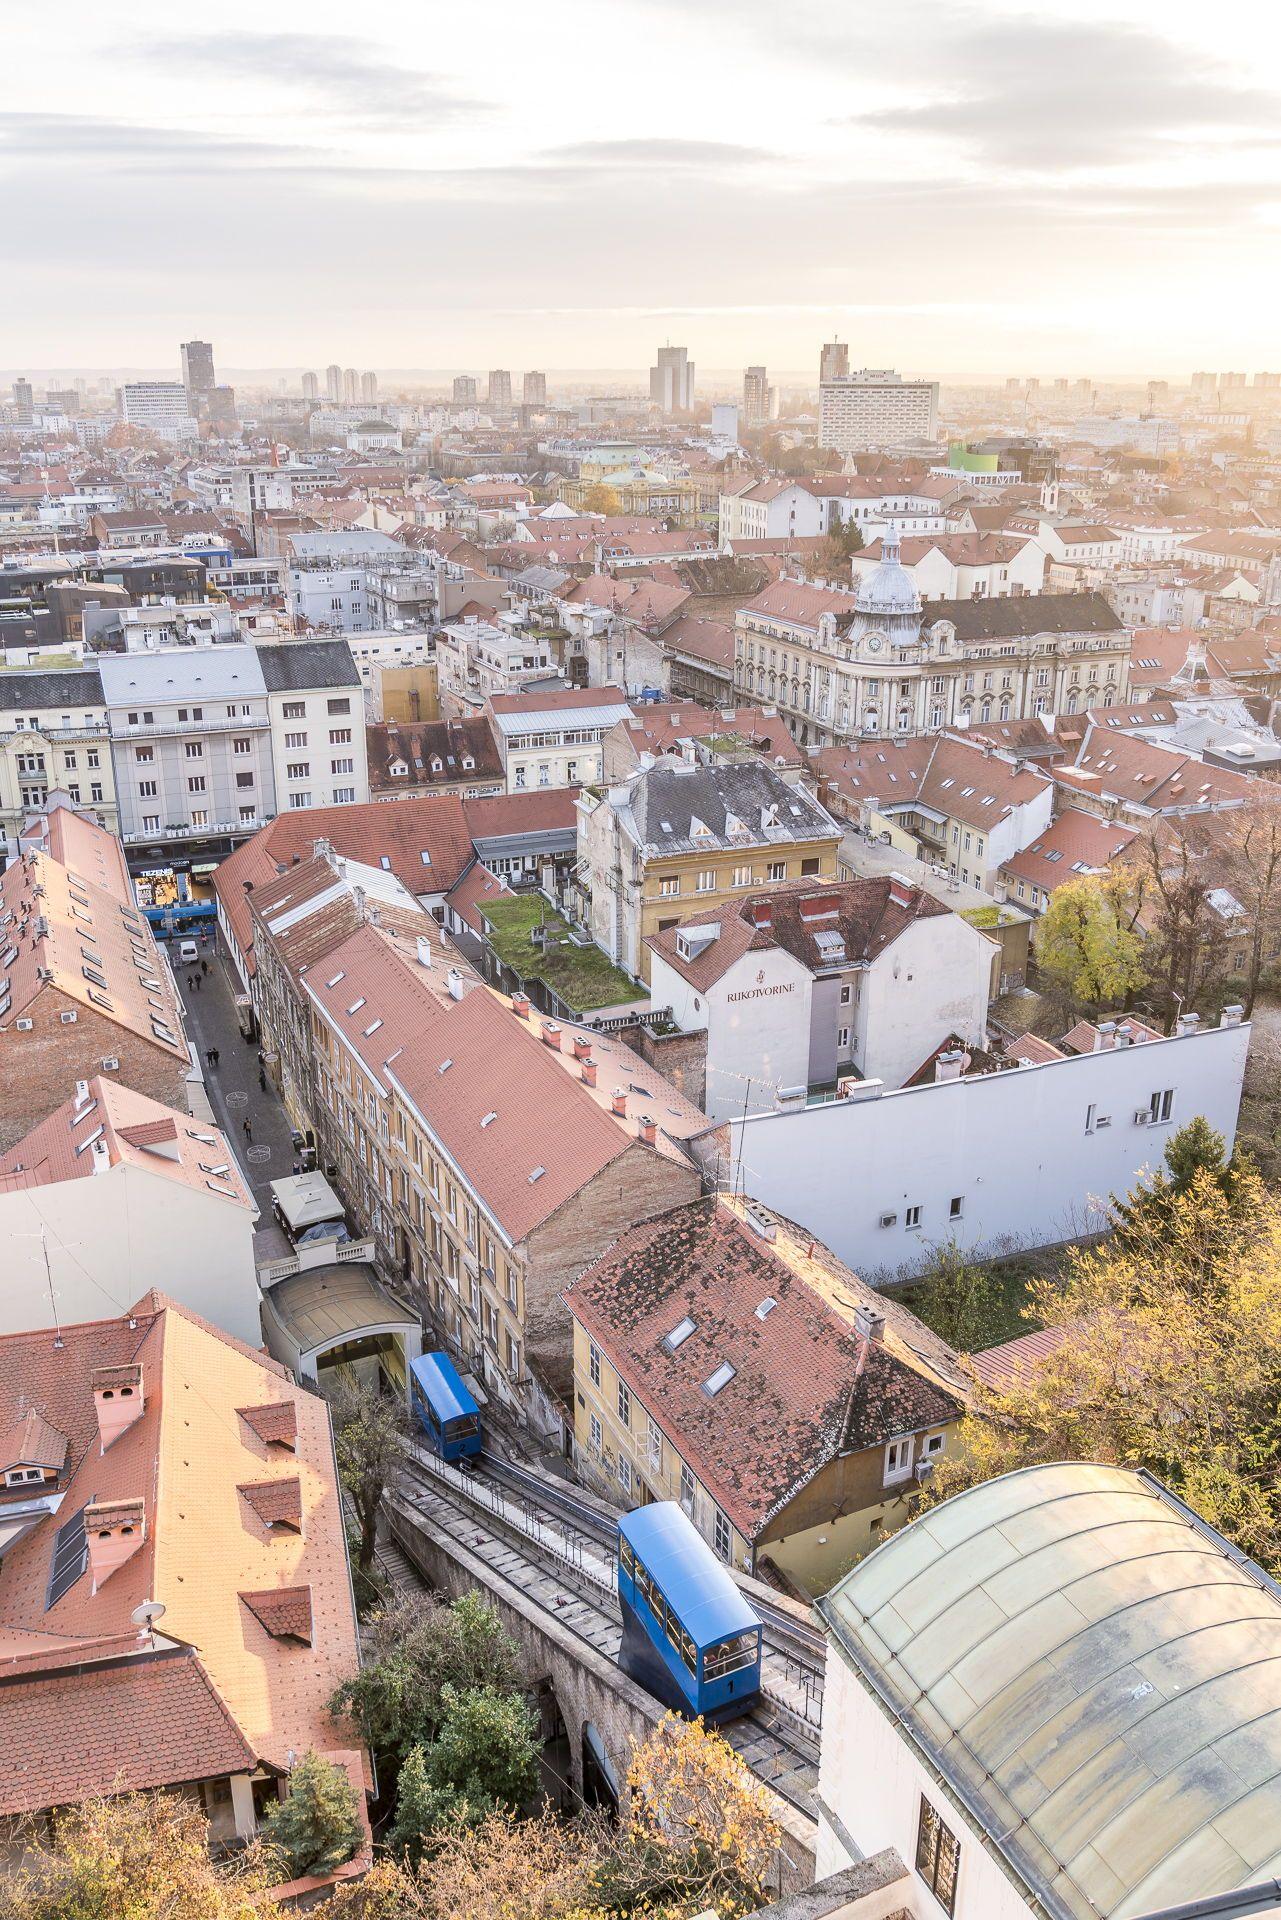 7 Top Tipps Fur Die Stadtereise Nach Zagreb Sehenswurdigkeiten In 2020 Zagreb Seaside Towns City